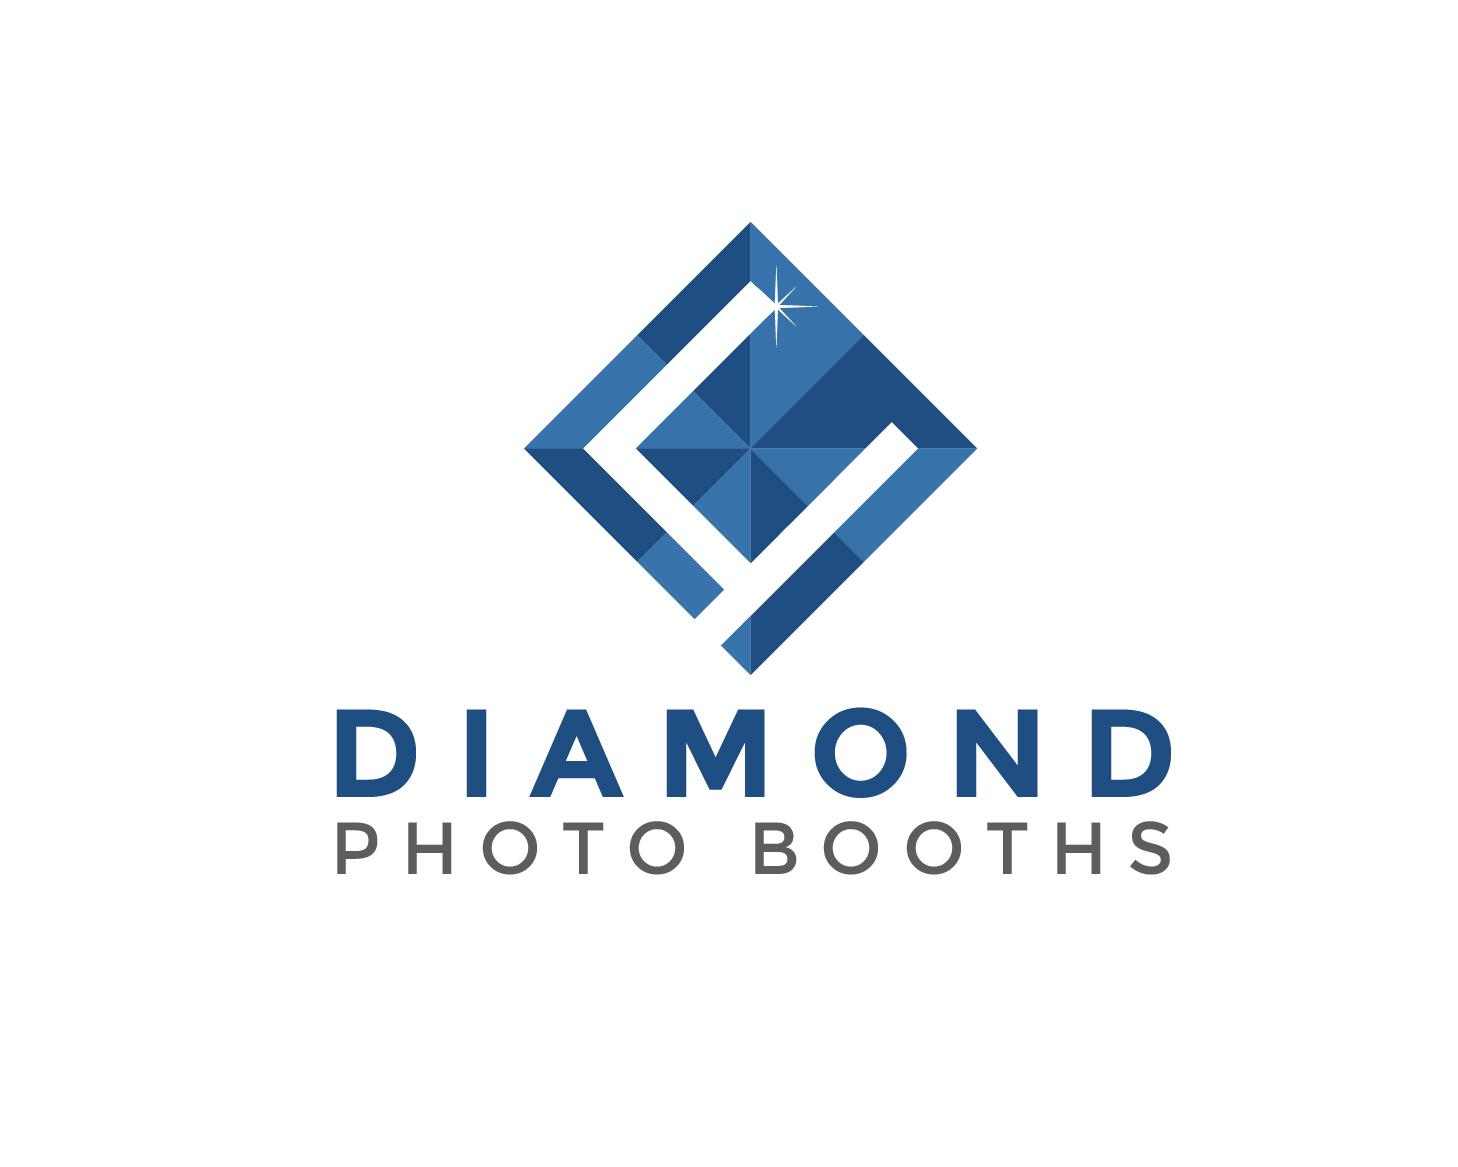 Logo Design by Allan Esclamado - Entry No. 5 in the Logo Design Contest Creative Logo Design for 4 Diamond Photo Booths.